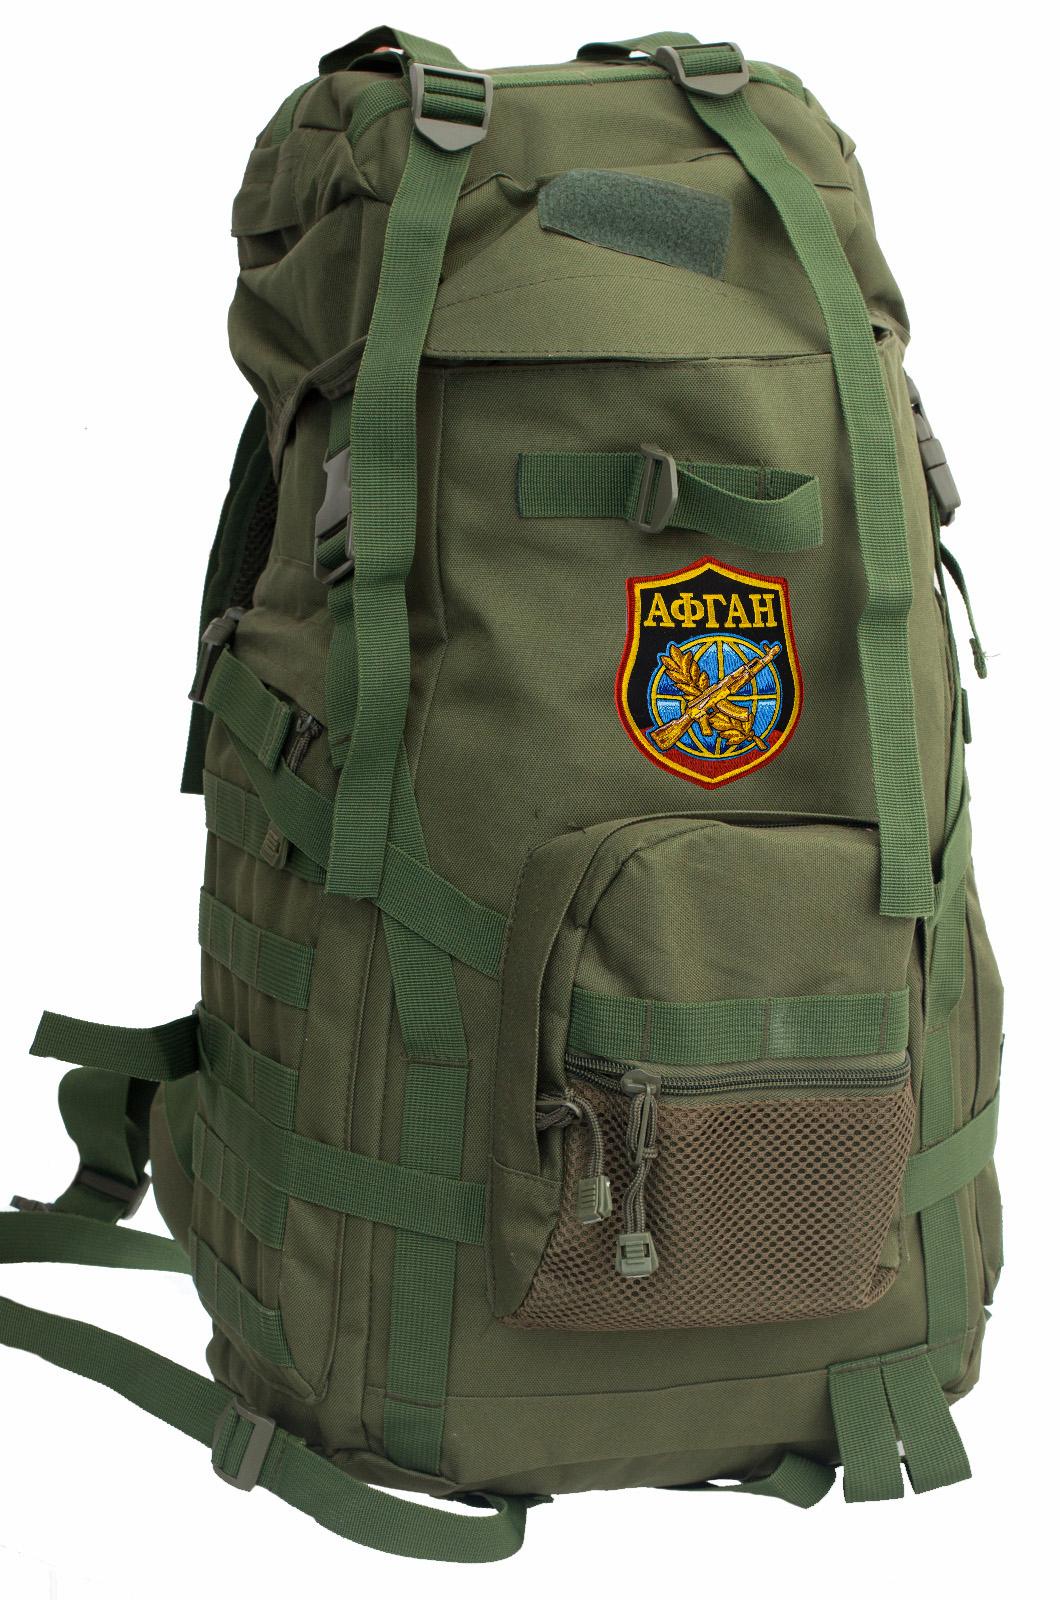 Стильный военный рюкзак с нашивкой Афган - заказать в подарок